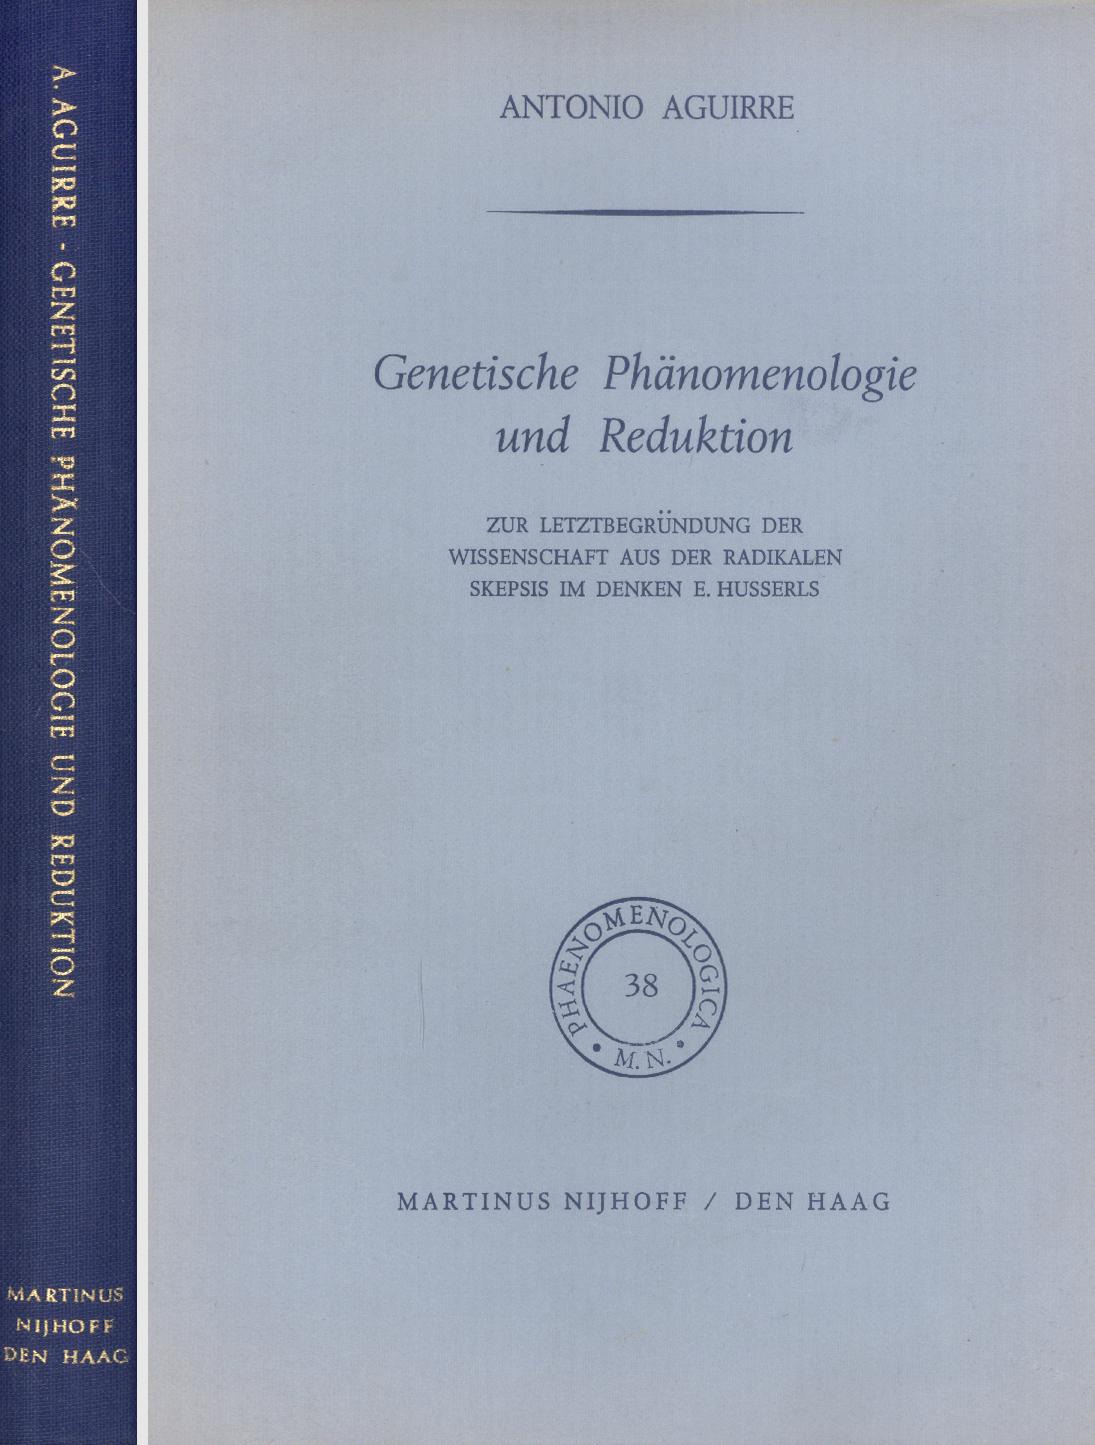 Genetische Phänomenologie und Reduktion - Zur Letztbegründung der Wissenschaft aus der radikalen Skepsis im Denken E. Husserls - Phaenomenologica 37 (Edmund Husserl) - Antonio Aguirre